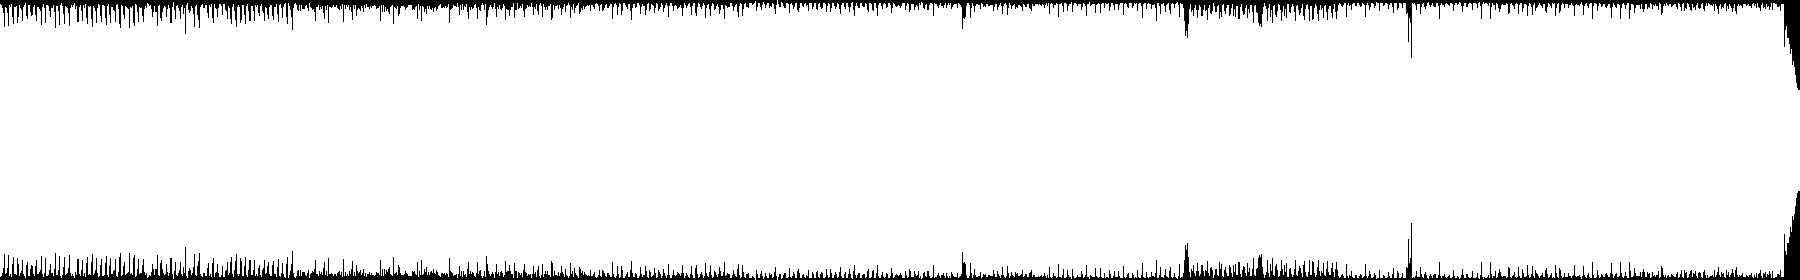 Yakuza Techno audio waveform